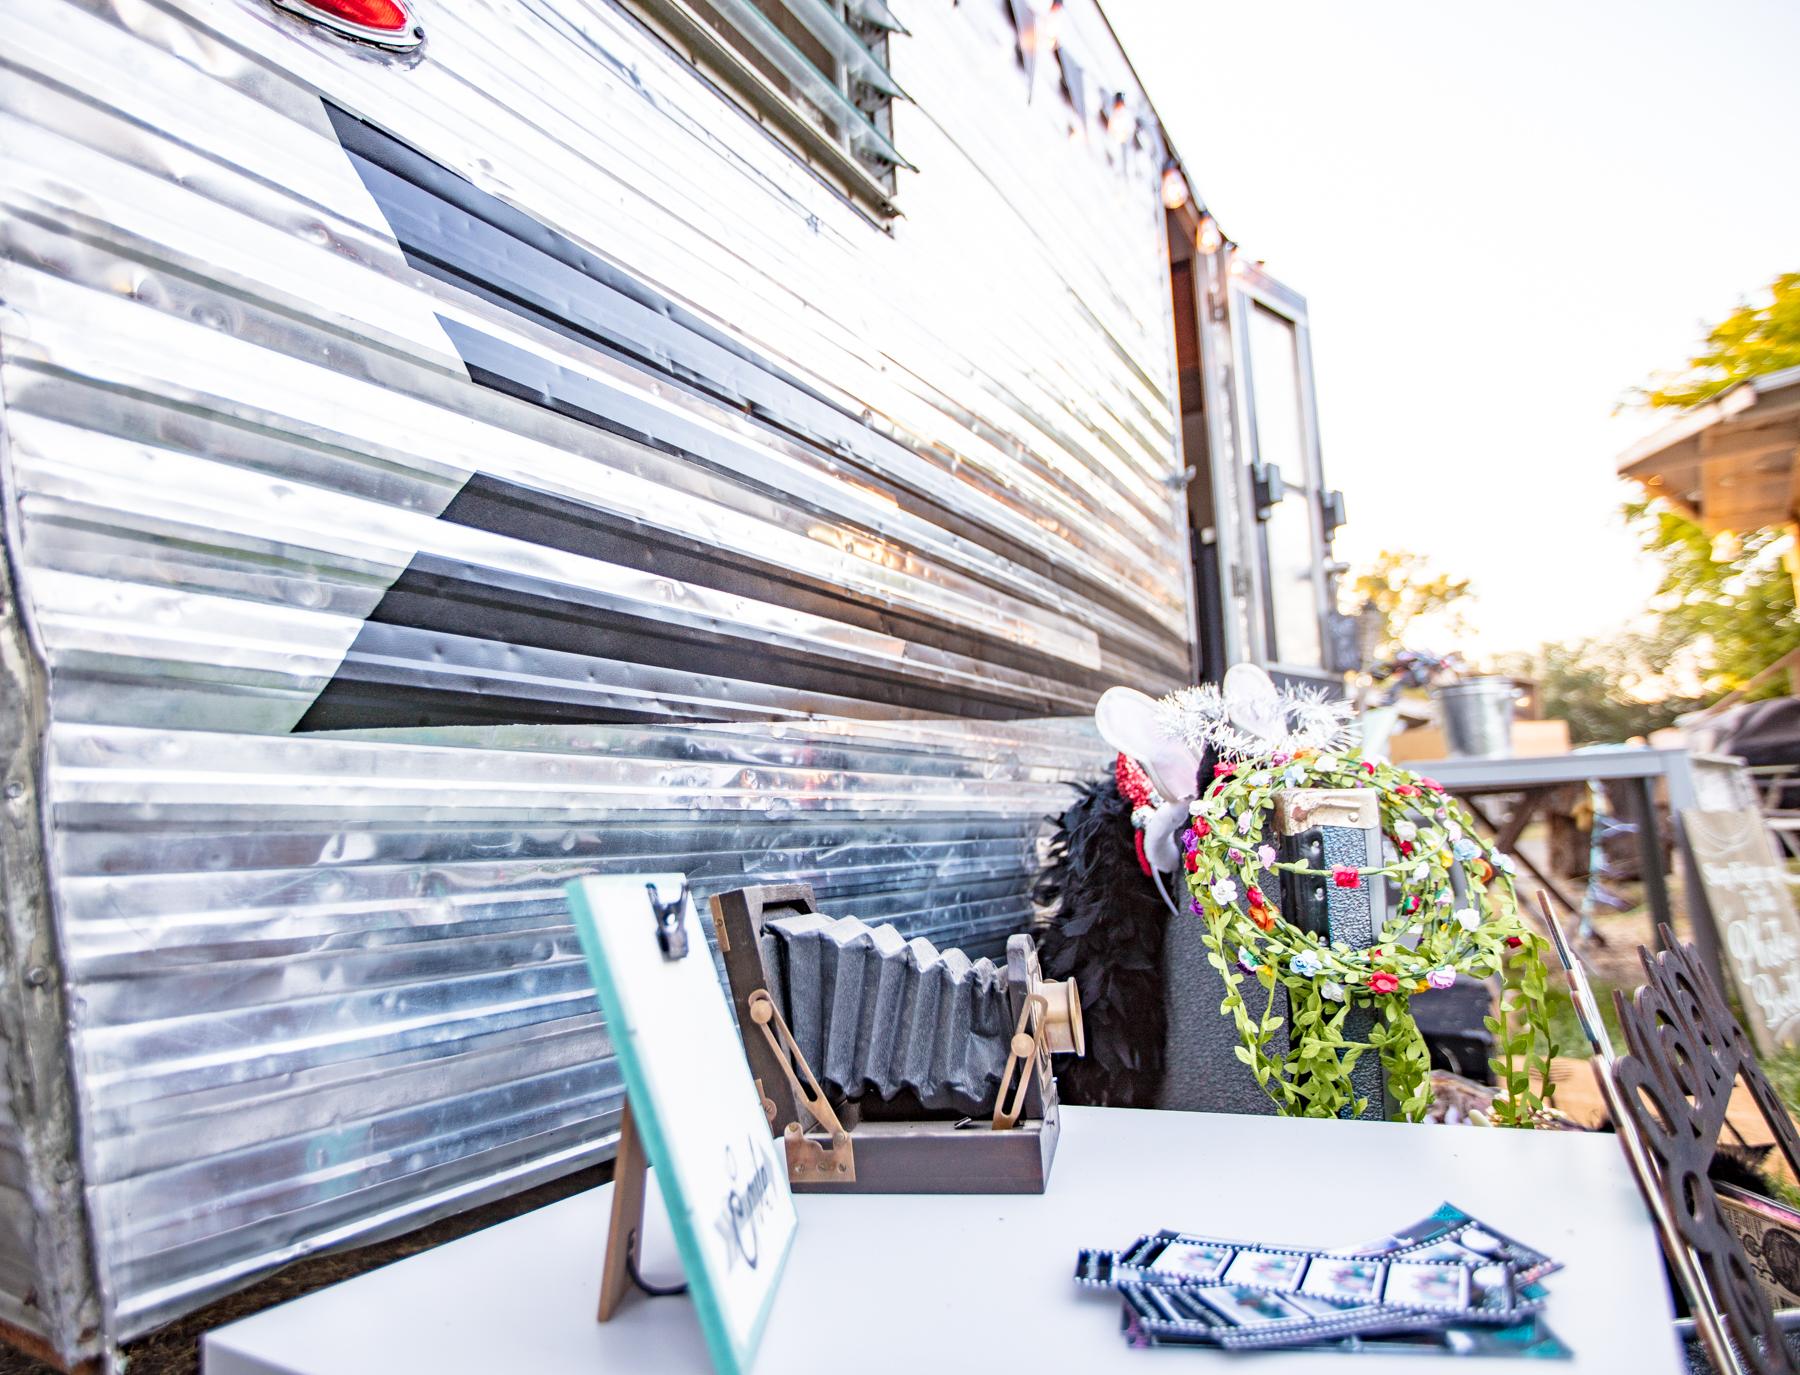 pop up Boutique, photo shoot prop, event lounge -